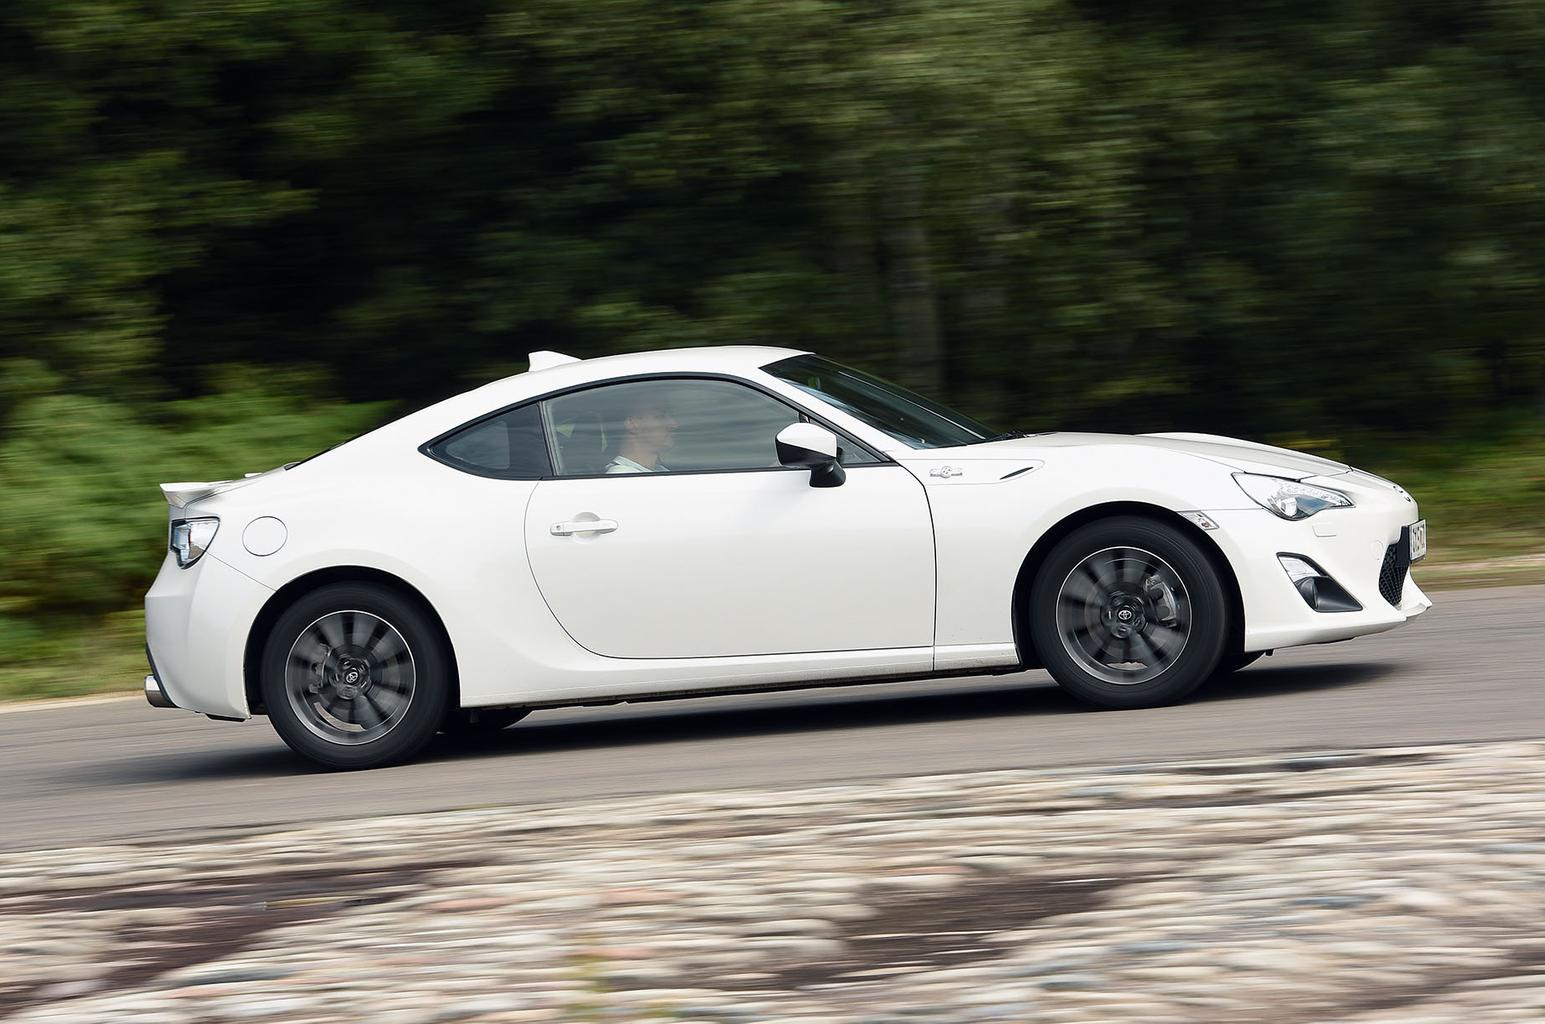 Used test: Mazda MX-5 vs Toyota GT86